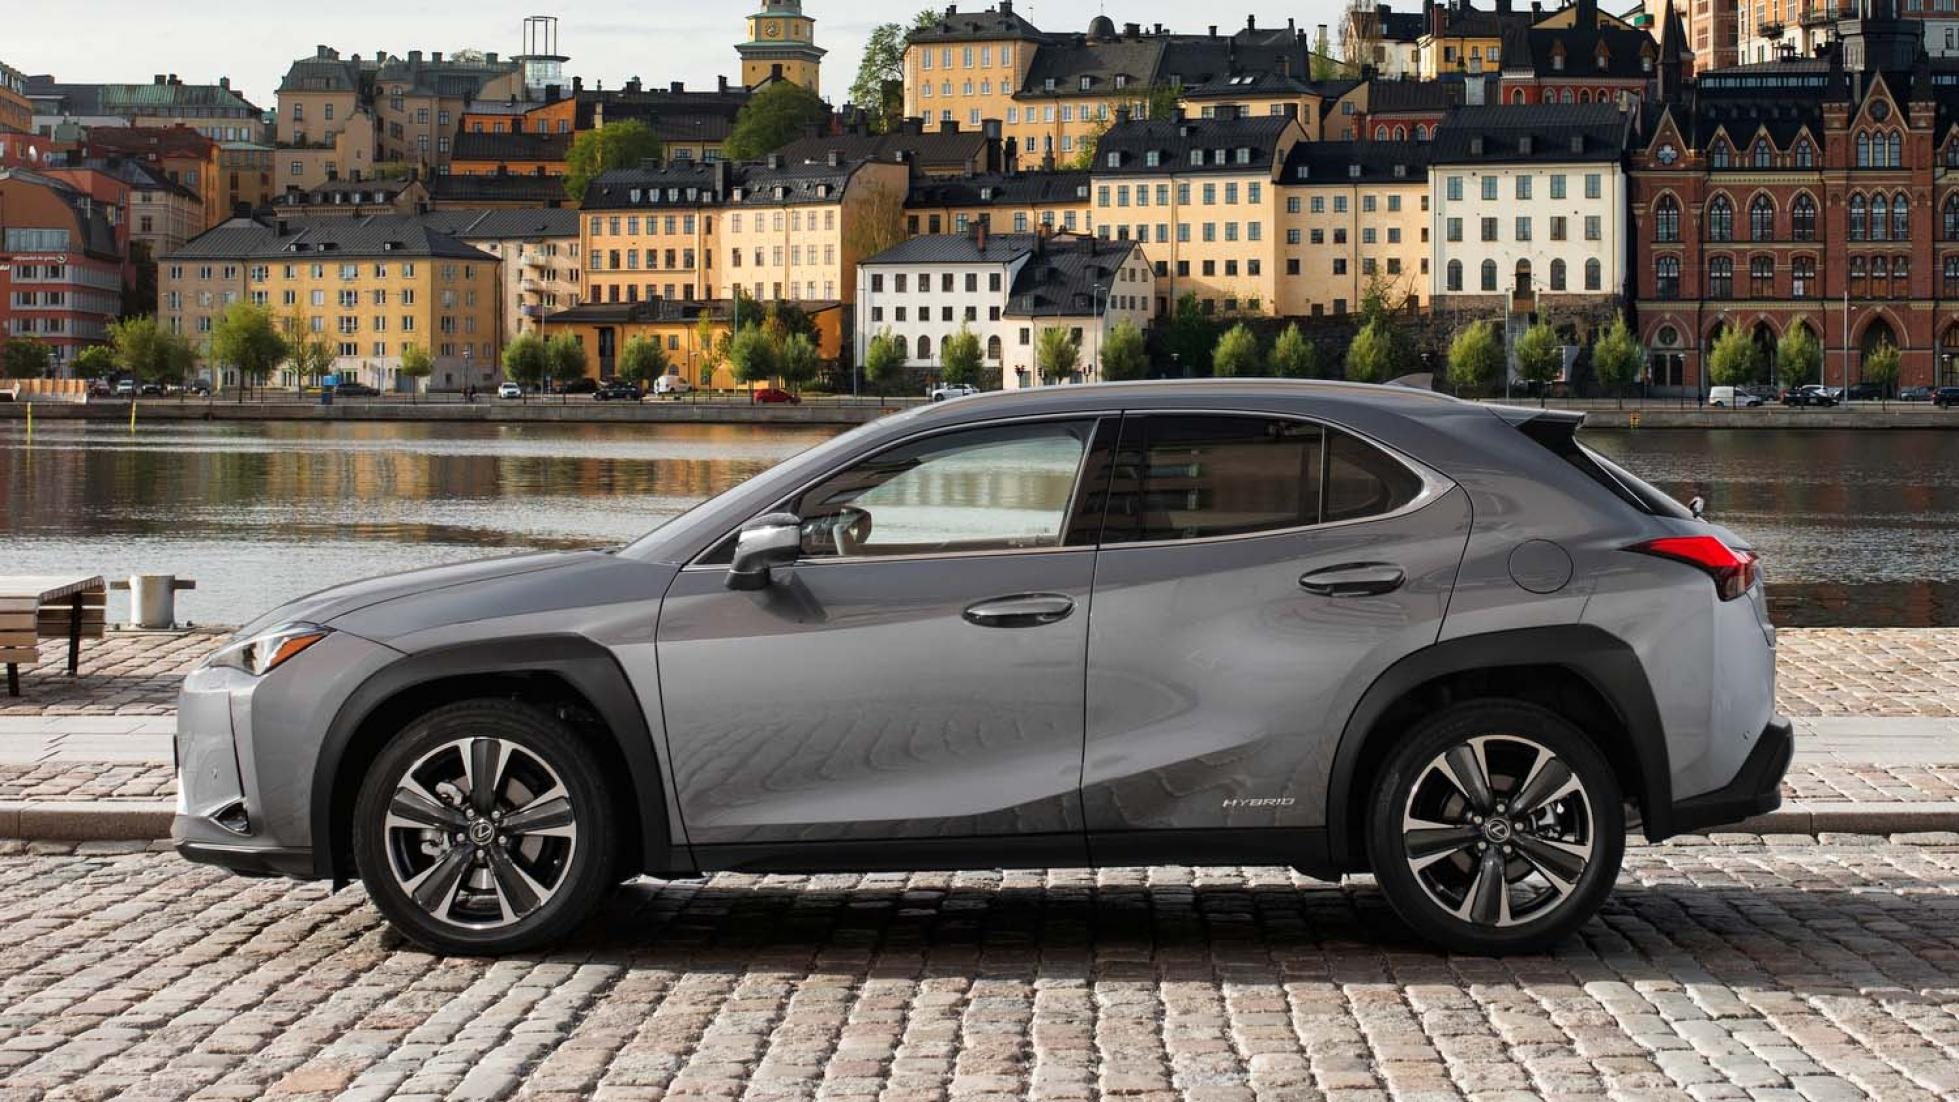 Компания lexus не намерена выпускать автомобили в китае, опасаясь снижения уровня качества